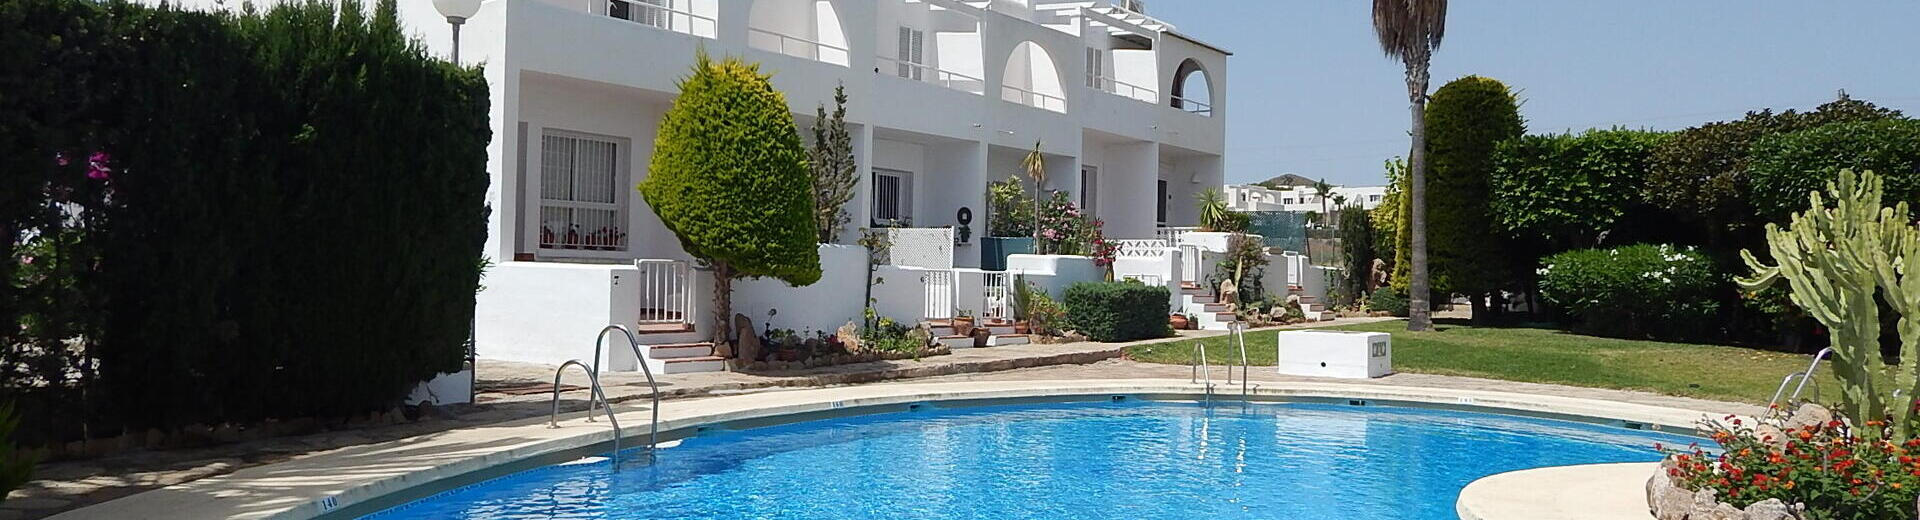 VIP7303: Rijtjeshuis te koop